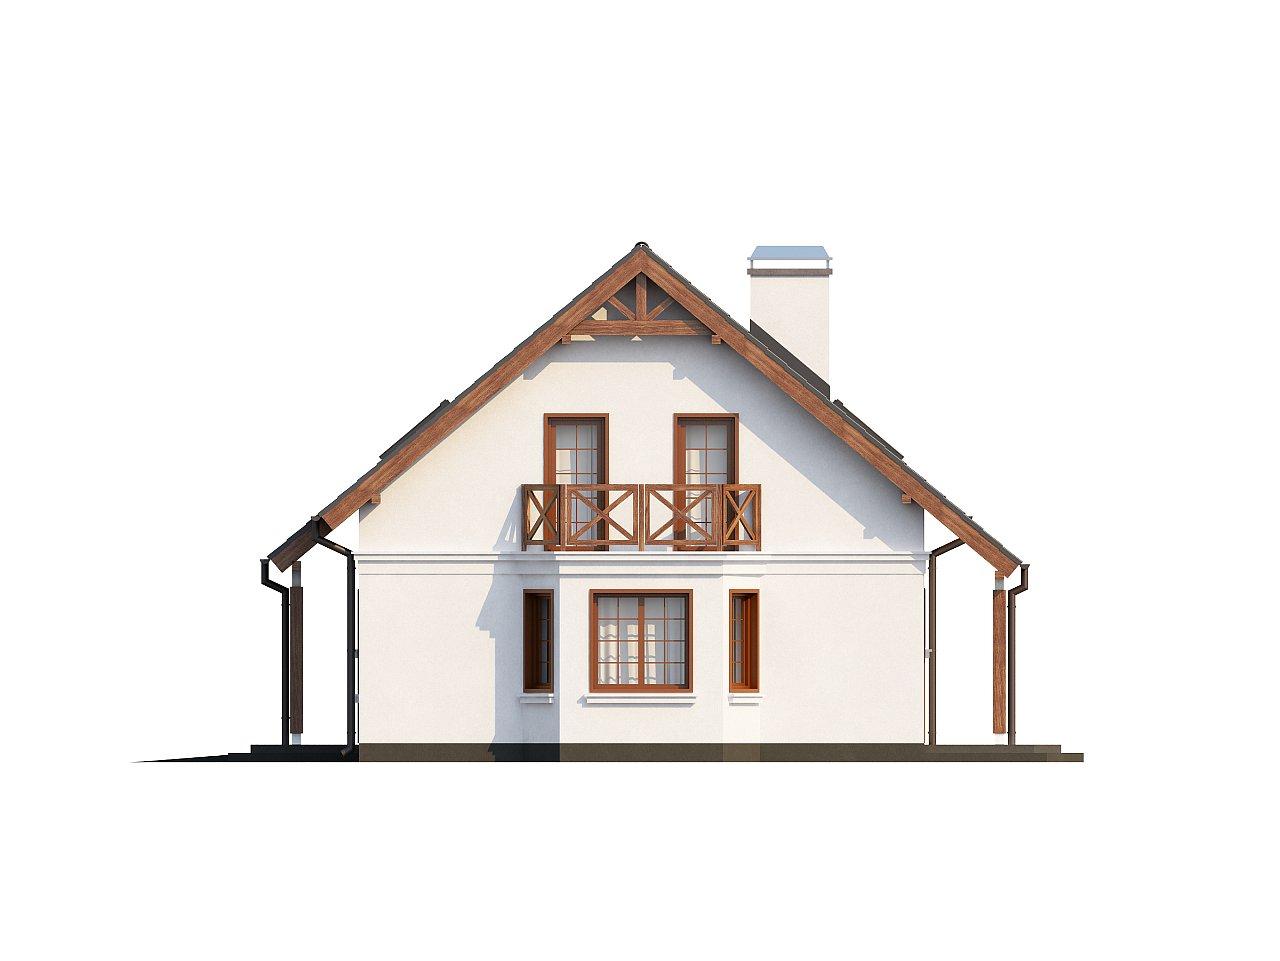 Элегантный дом простой формы со встроенным гаражом, эркером и балконом над ним. 14